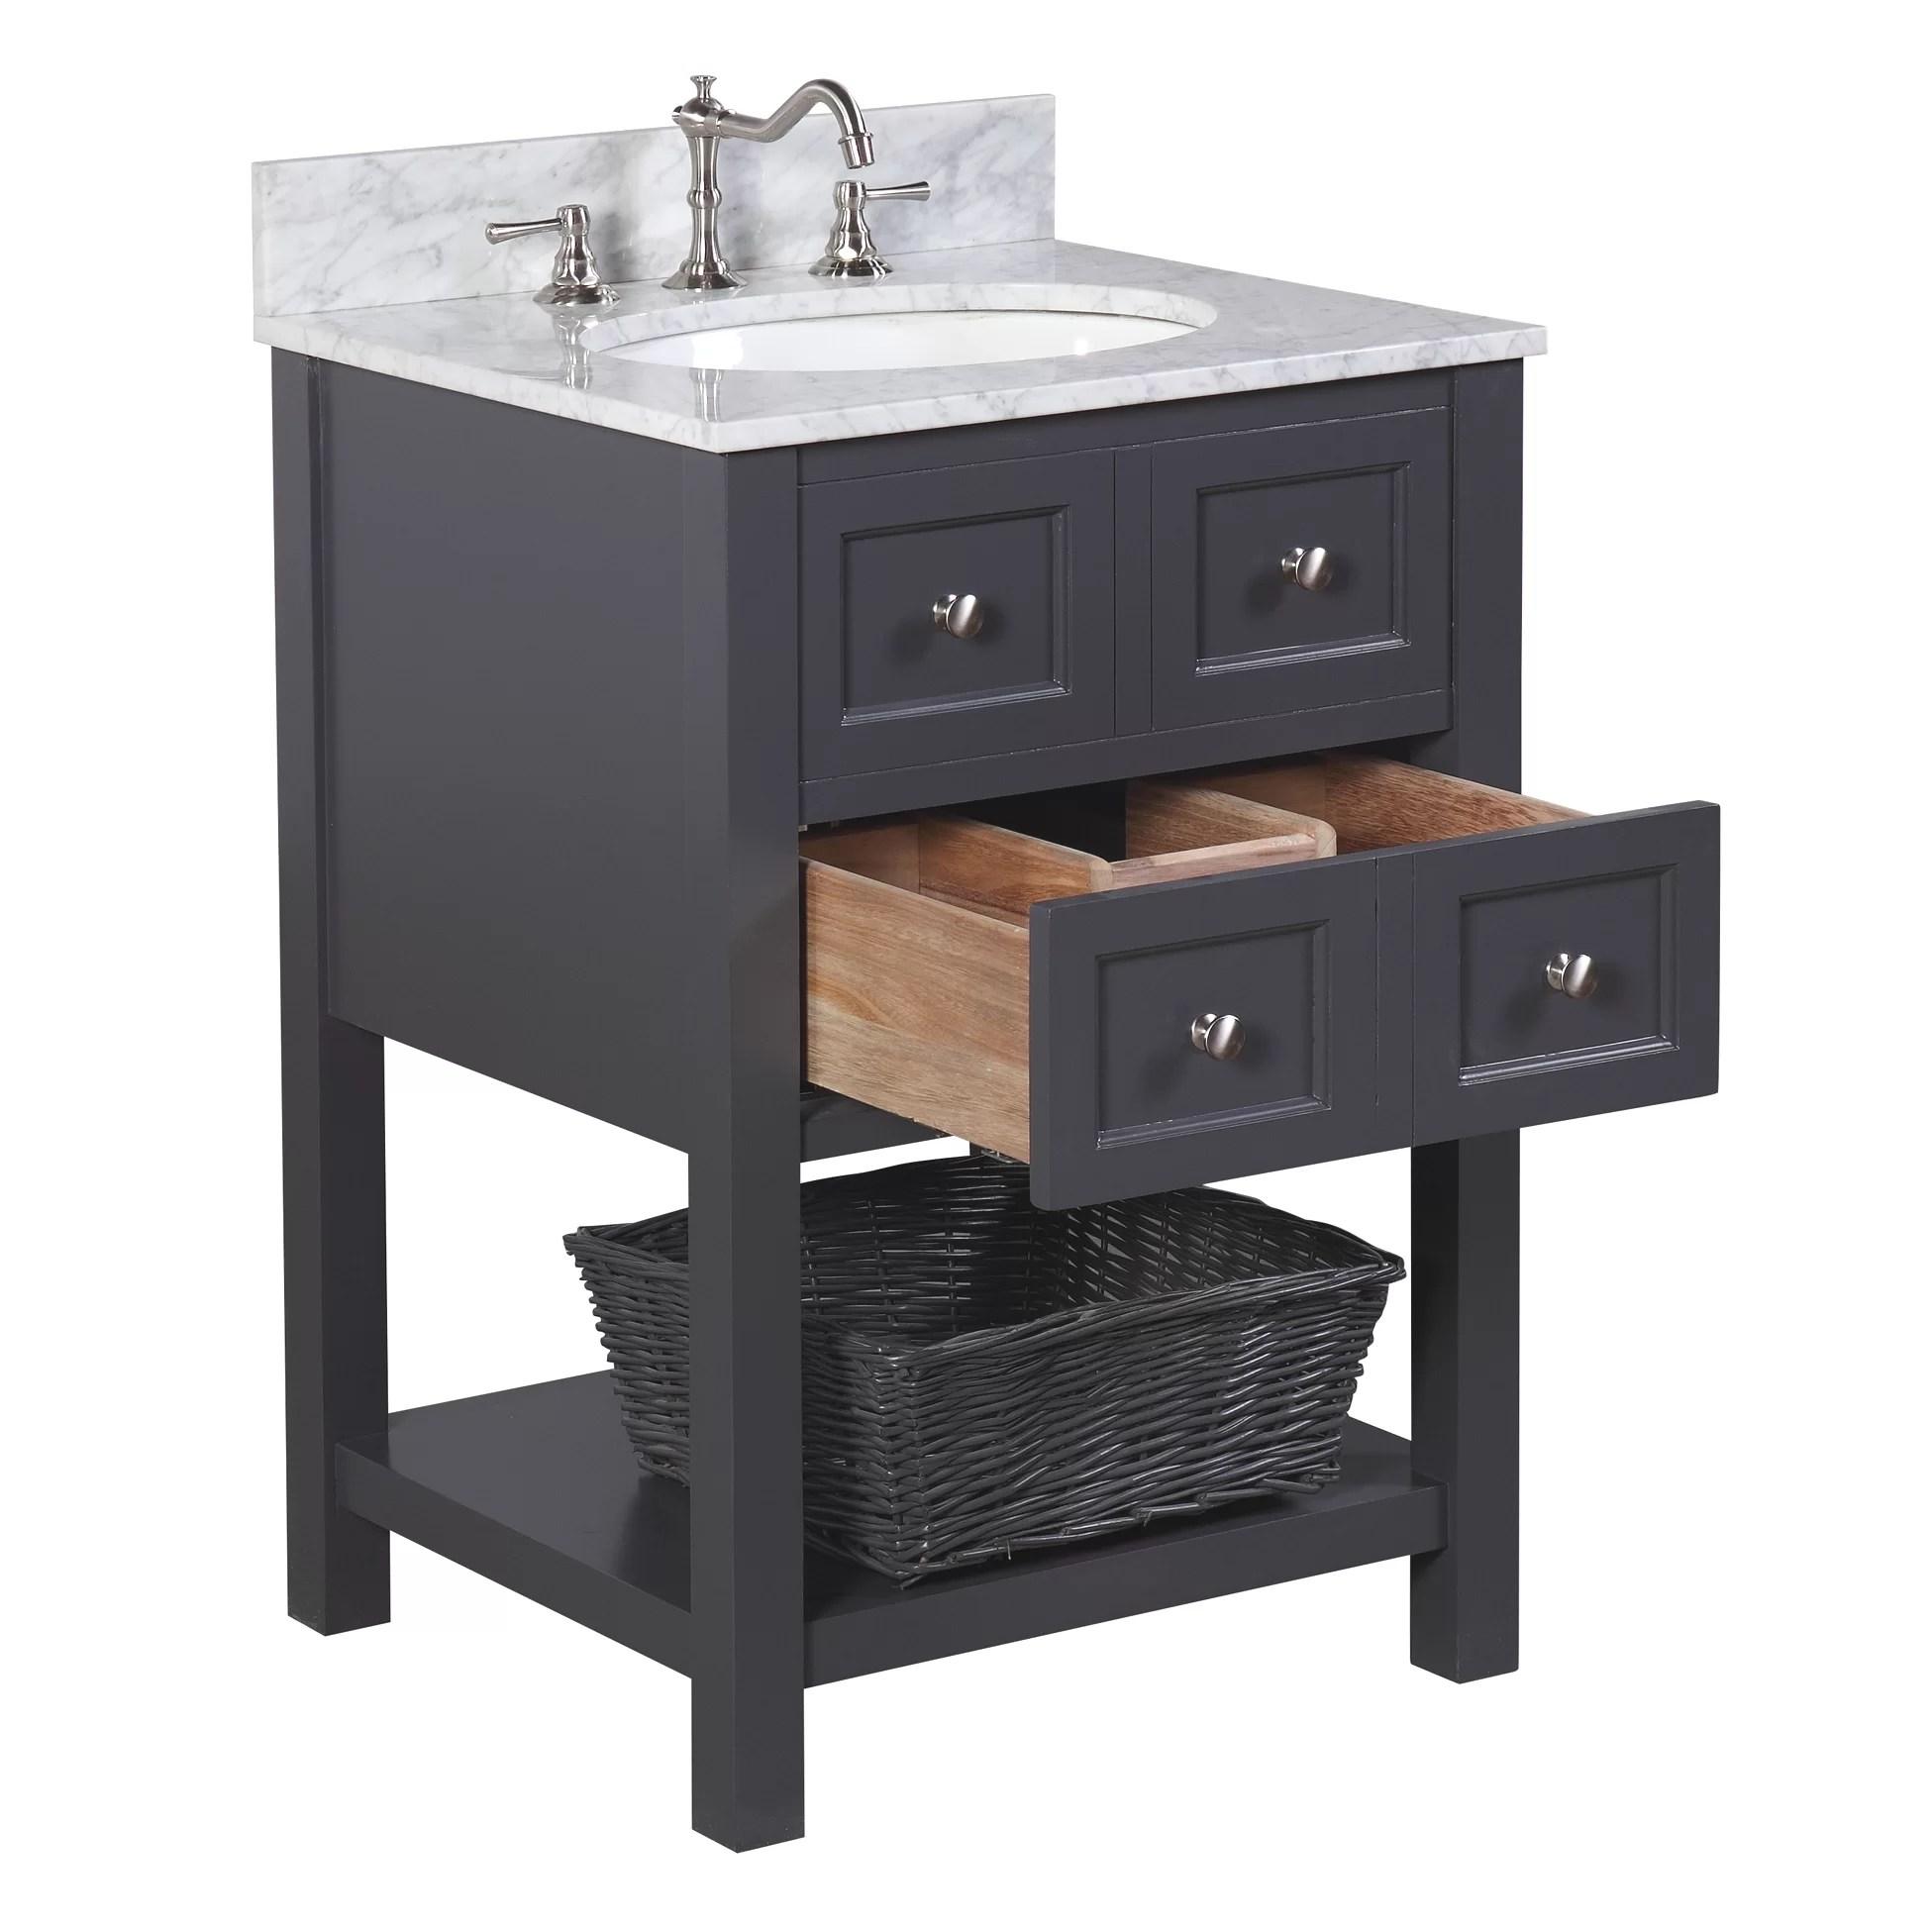 KBC New Yorker 24 Single Bathroom Vanity Set  Reviews